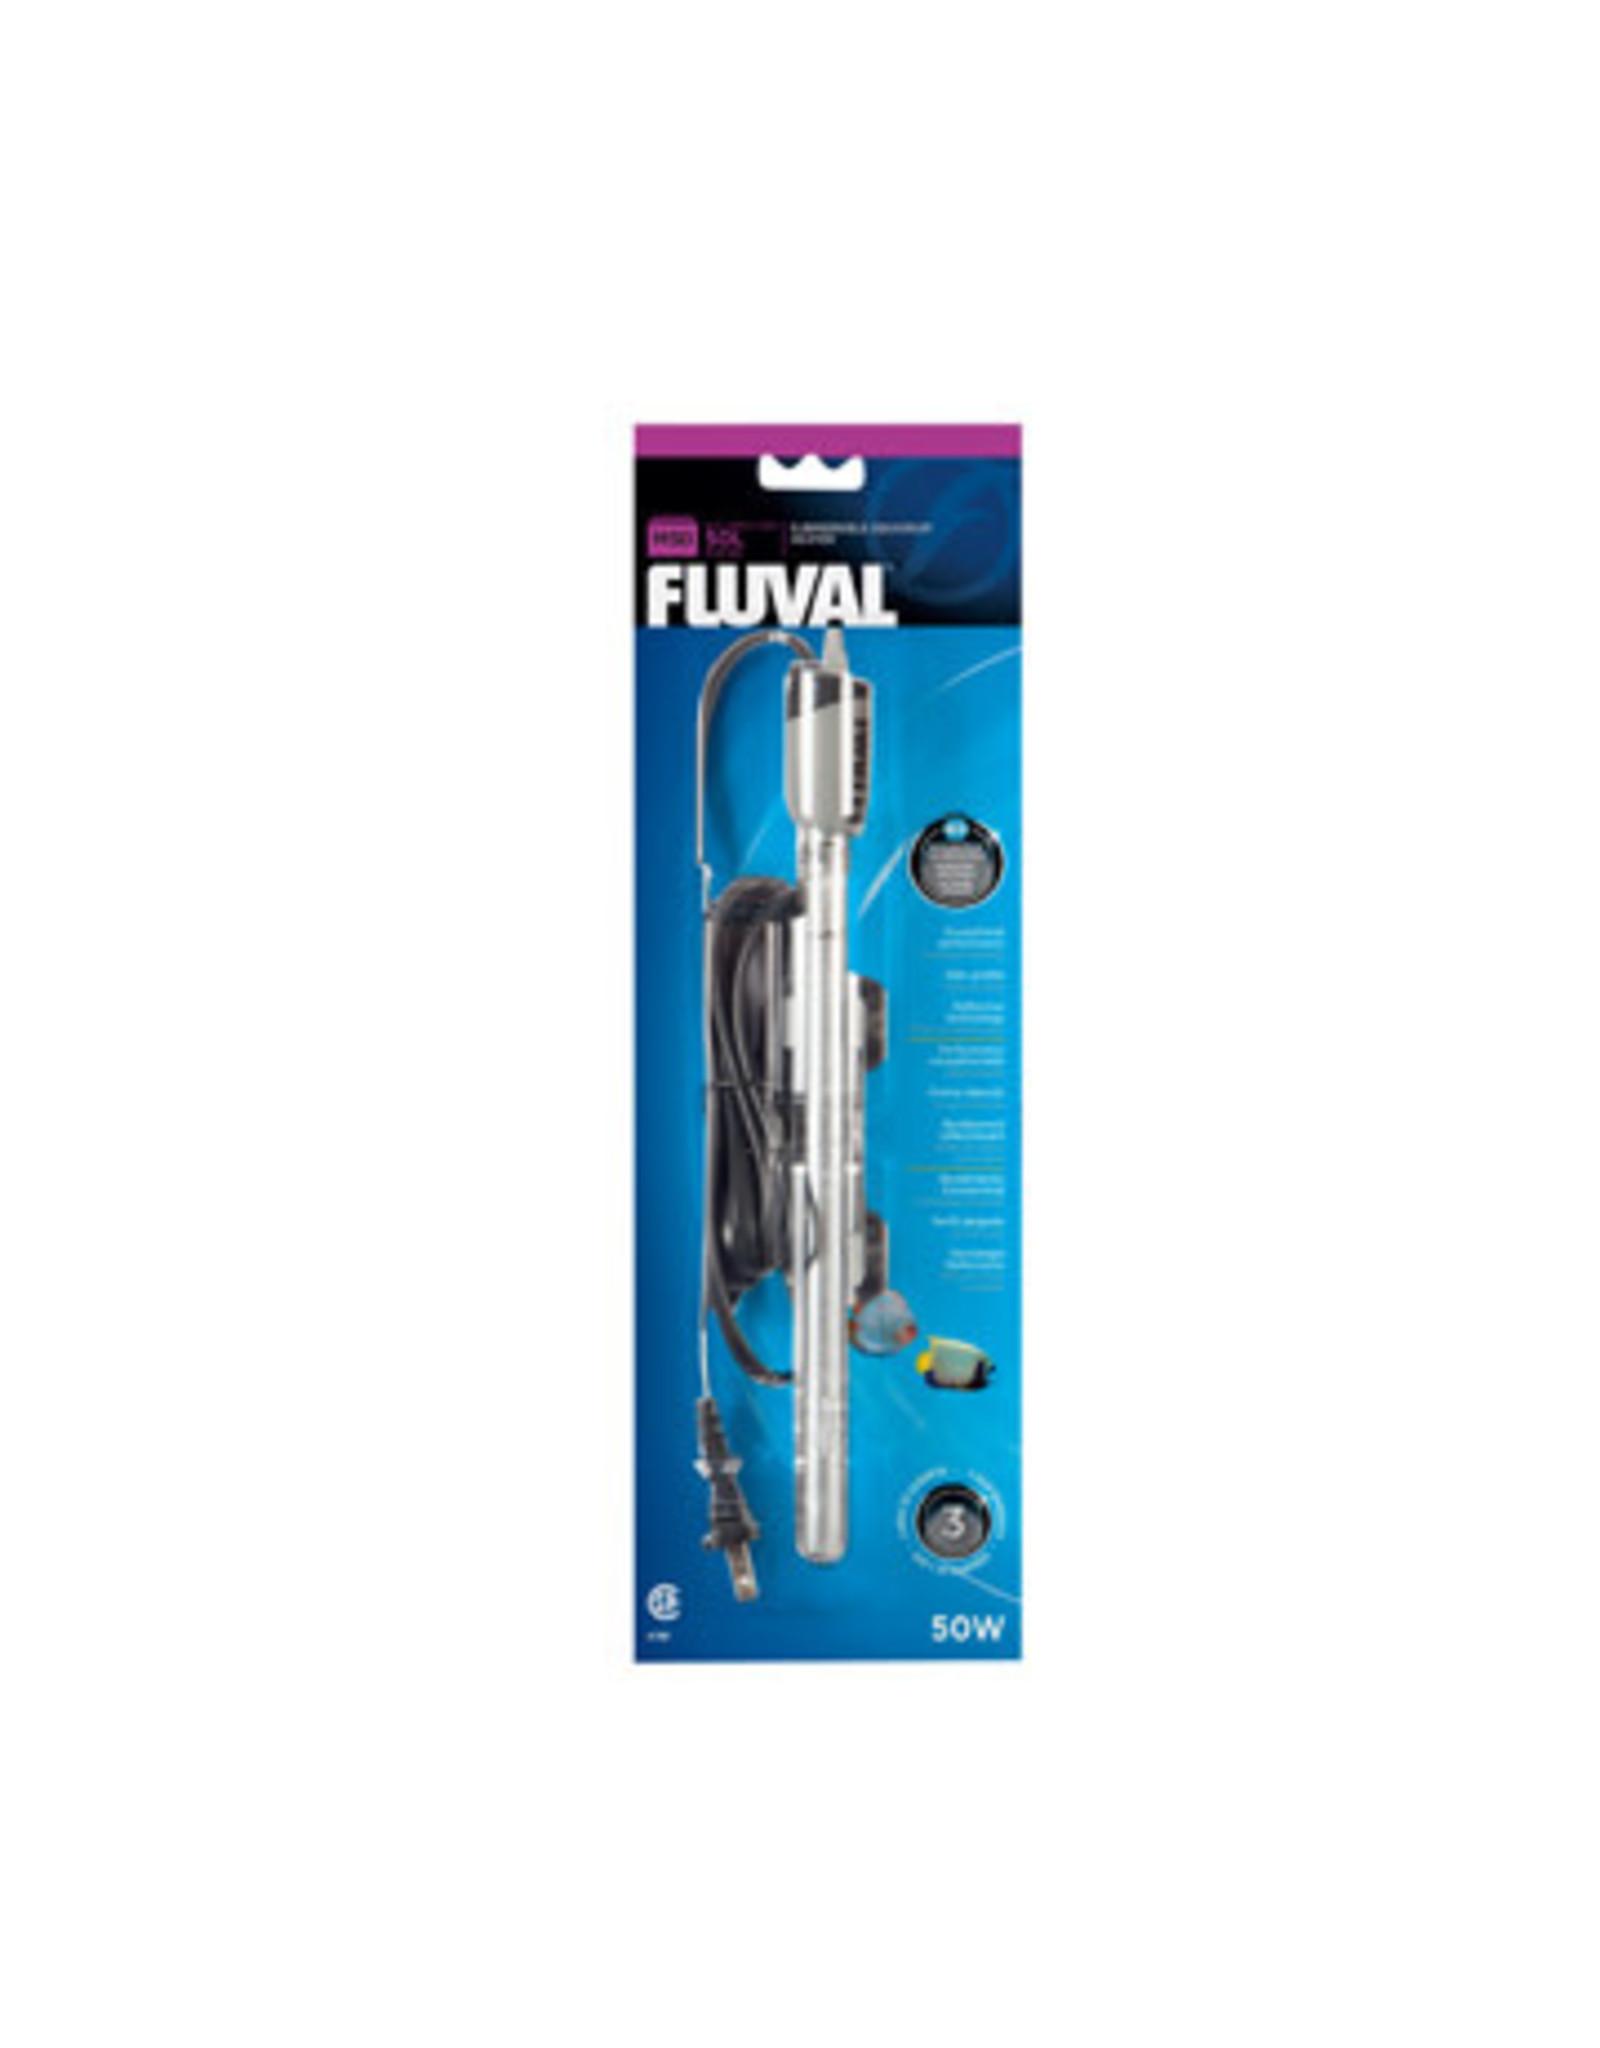 Fluval Fluval M50 Submersible Heater - 50 W